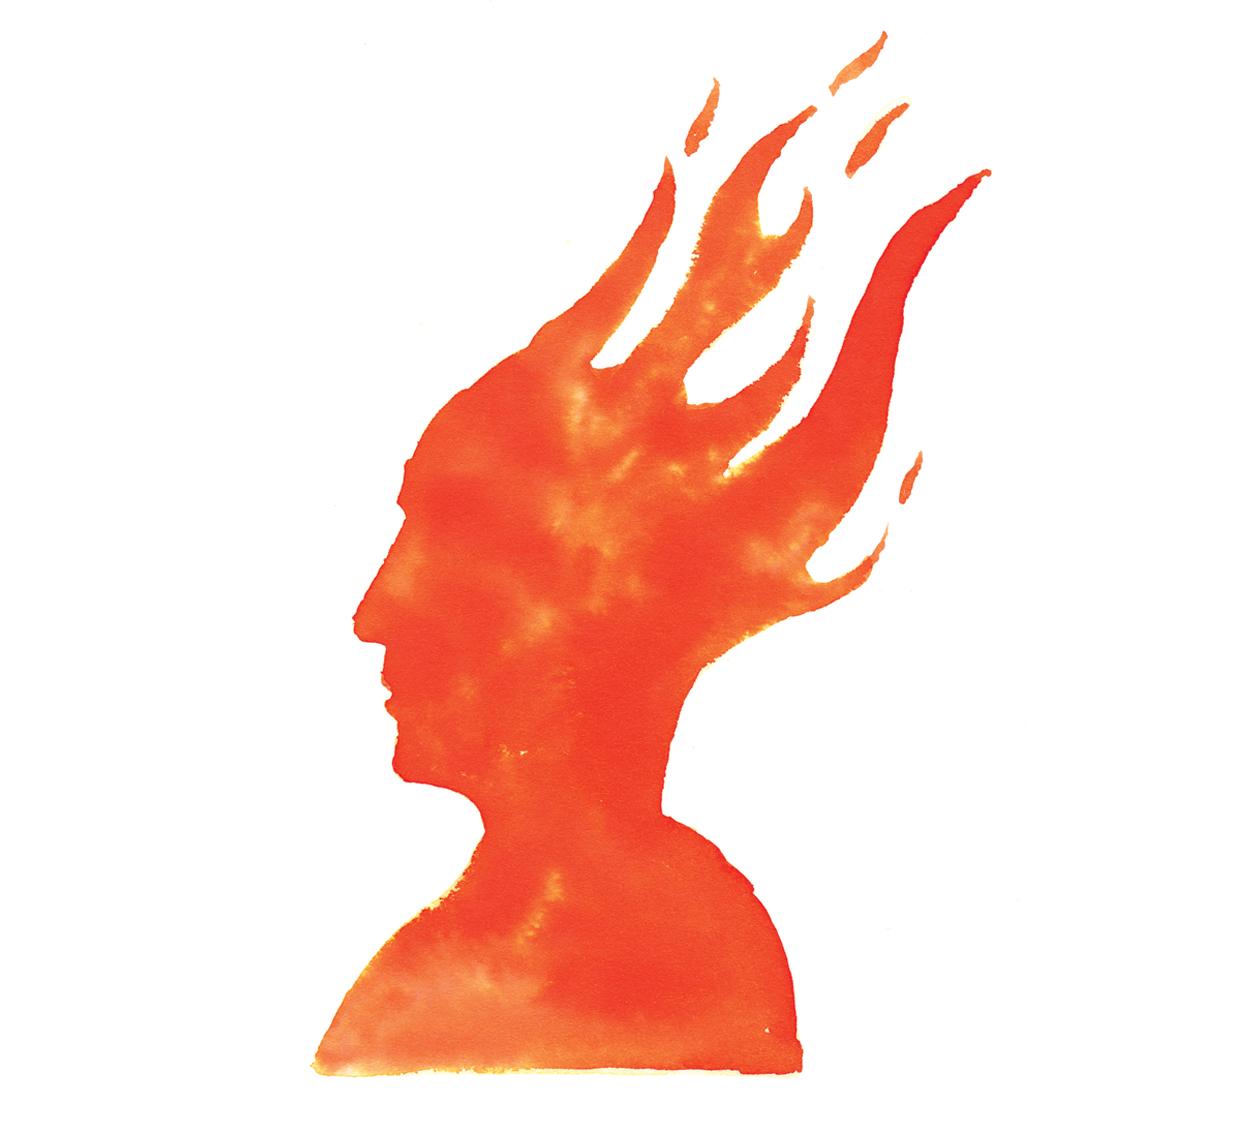 Flamehead_web.jpg